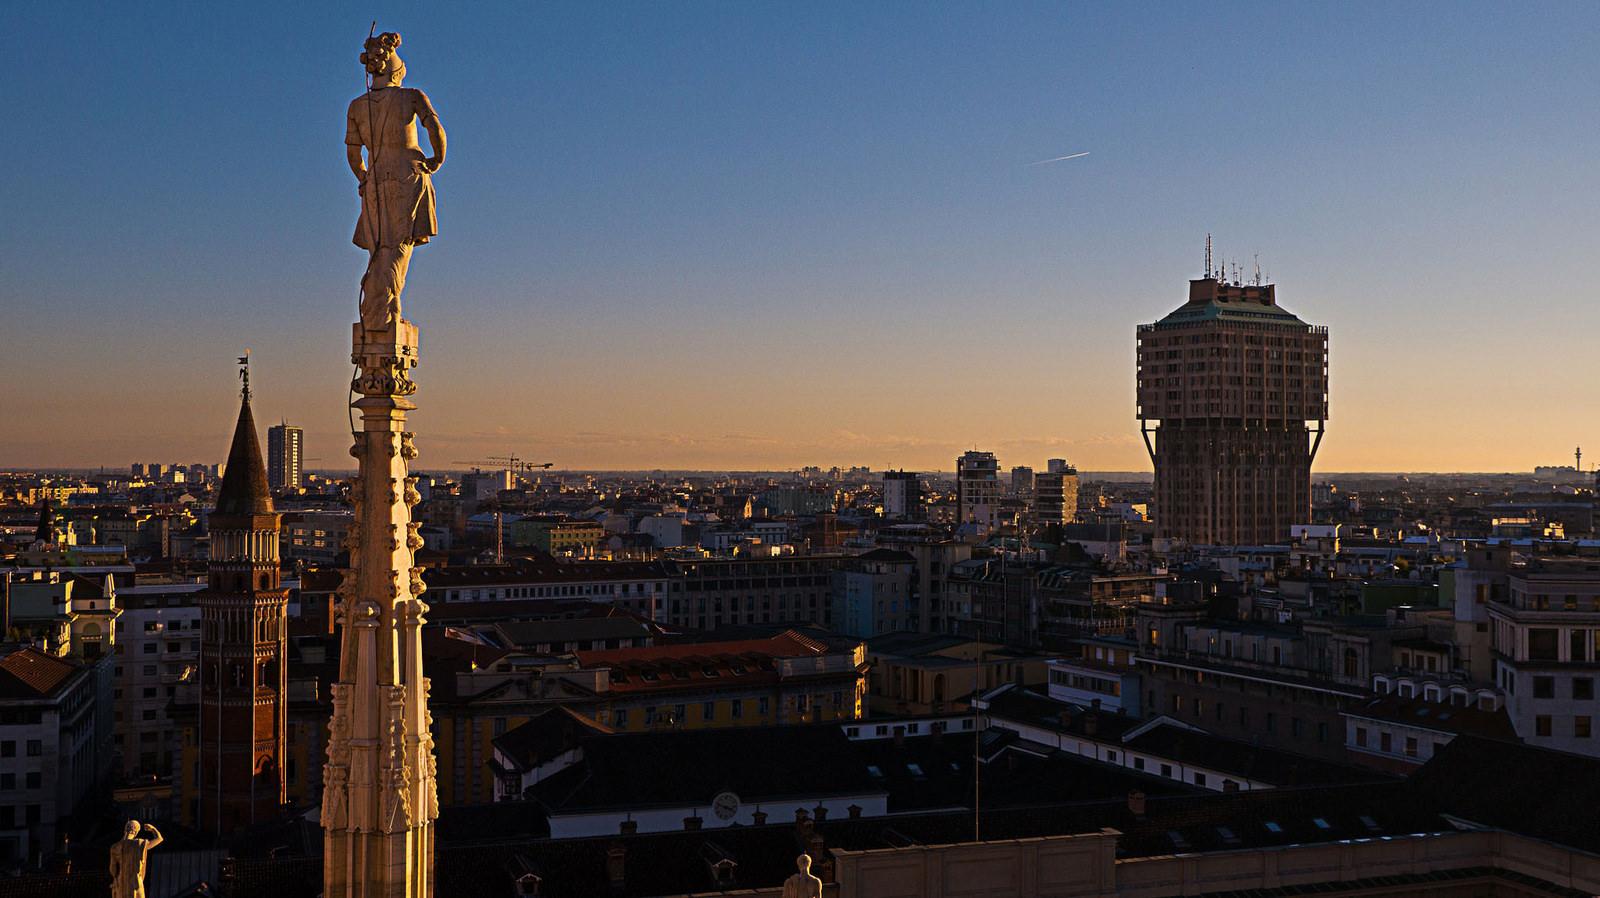 Città dell'anno - Milano tramonto